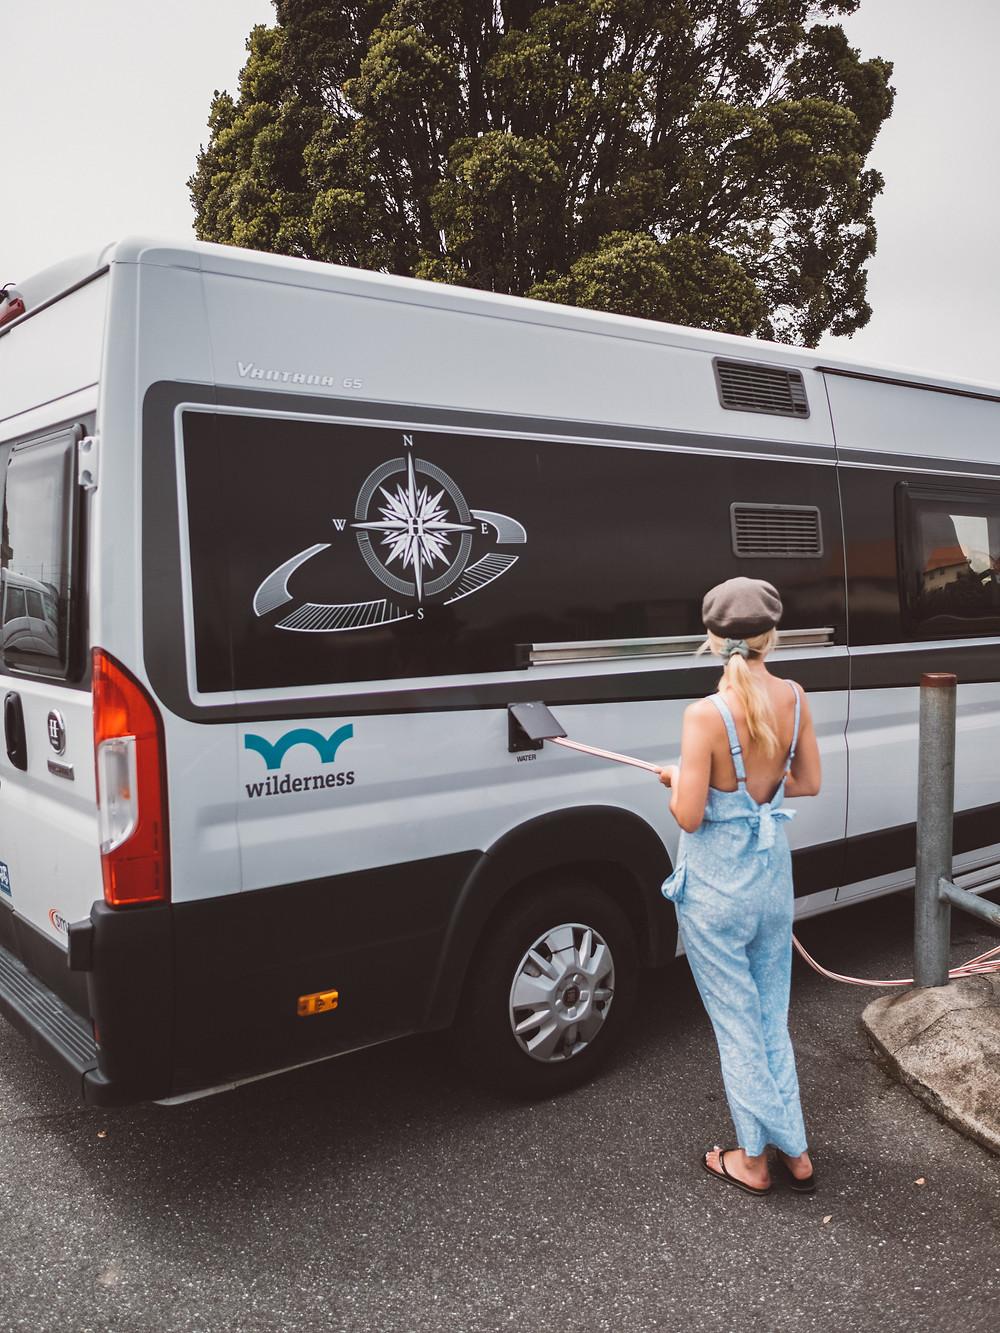 Wilderness NZ van